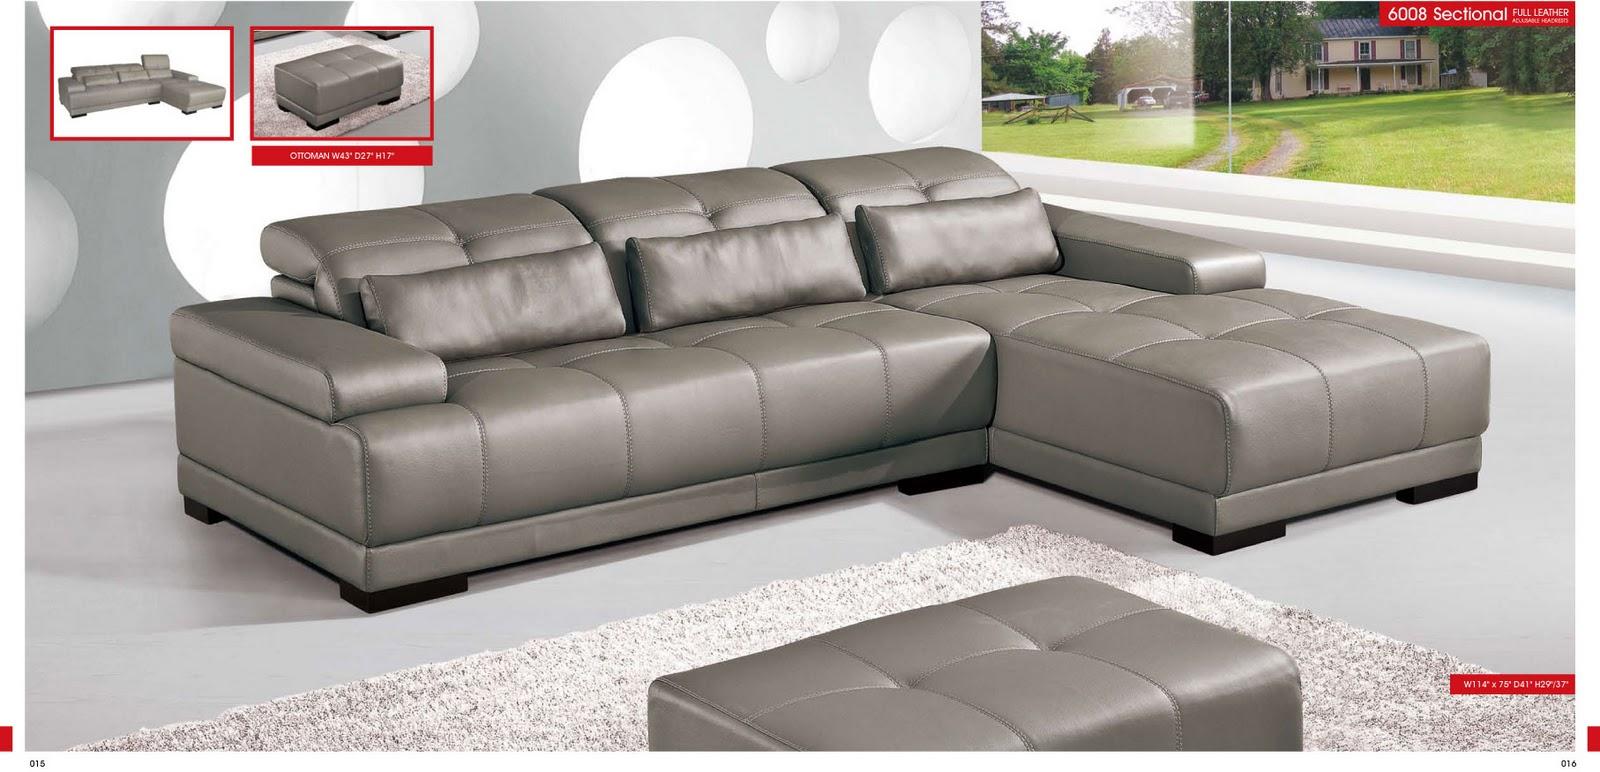 Royal Furniture Outlet: ESF